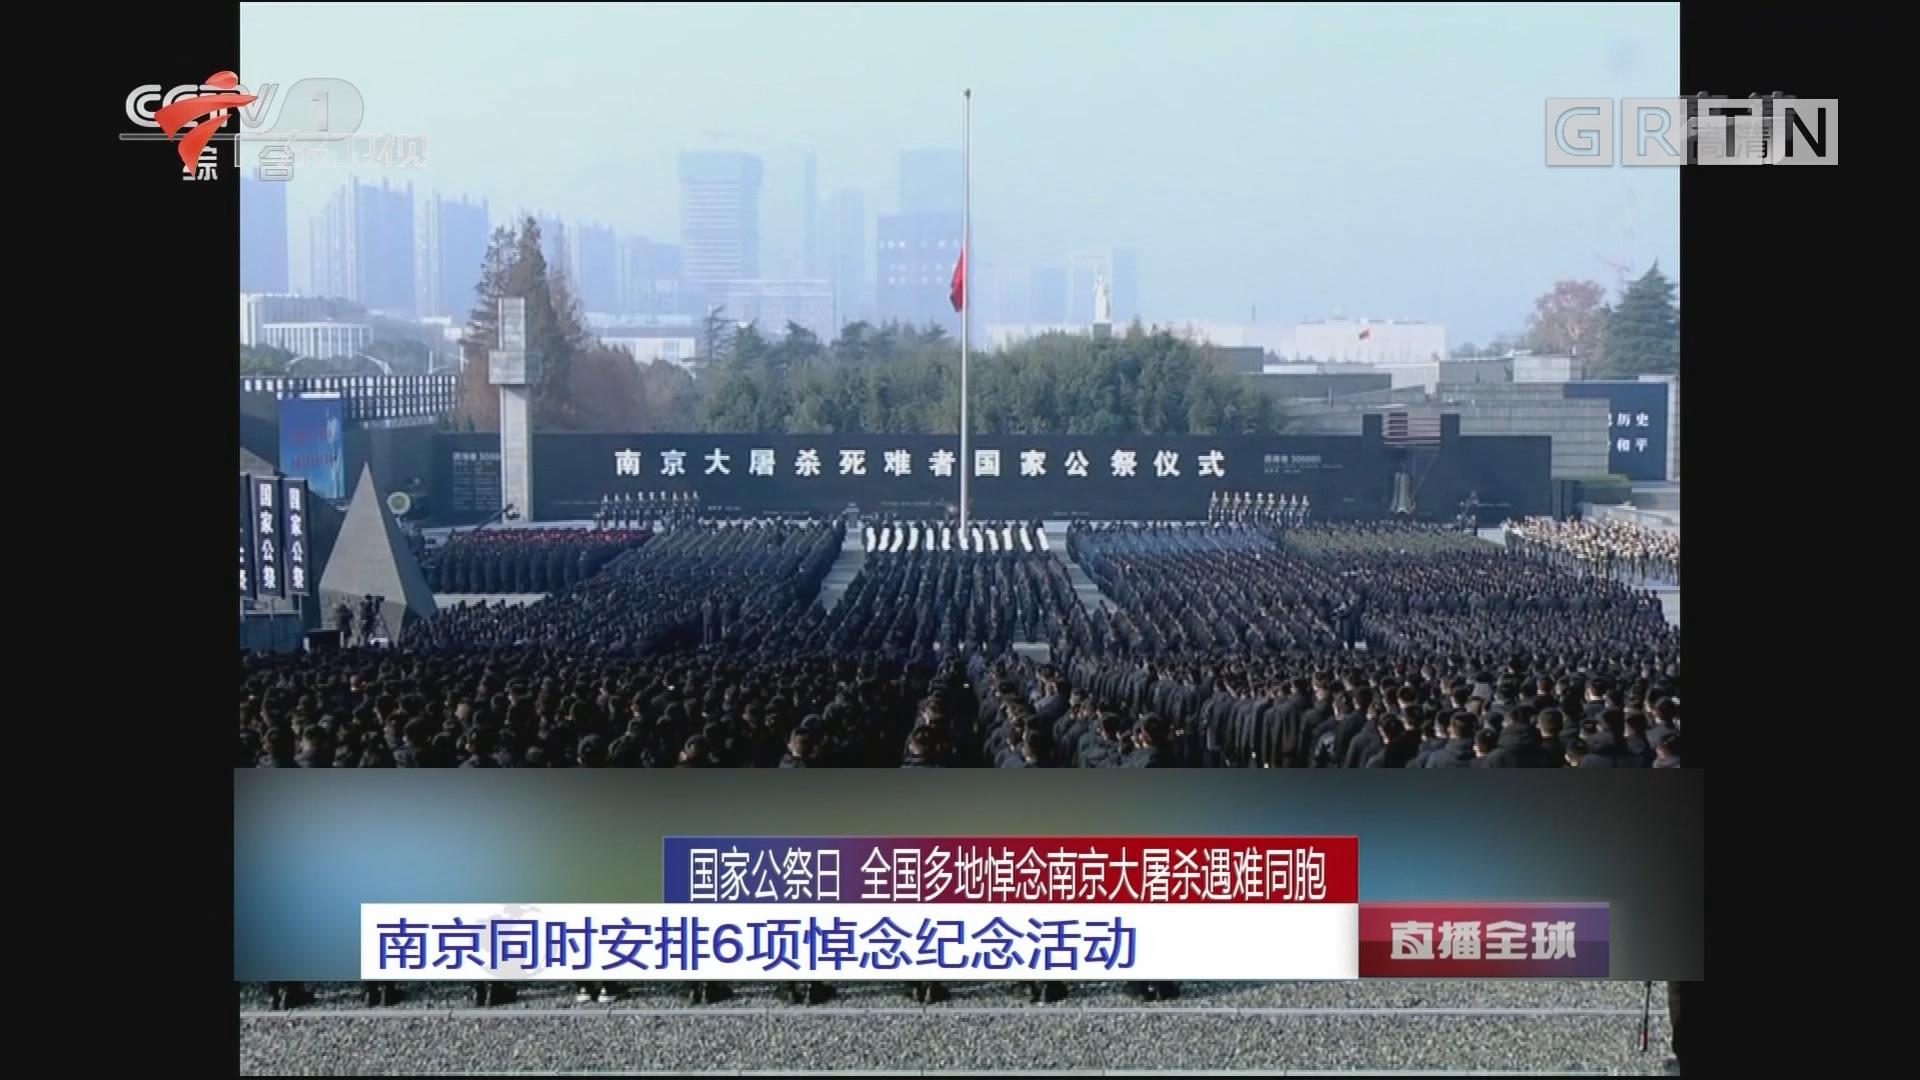 国家公祭日 全国多地悼念南京大屠杀遇难同胞:为30万遇难同胞降半旗致哀